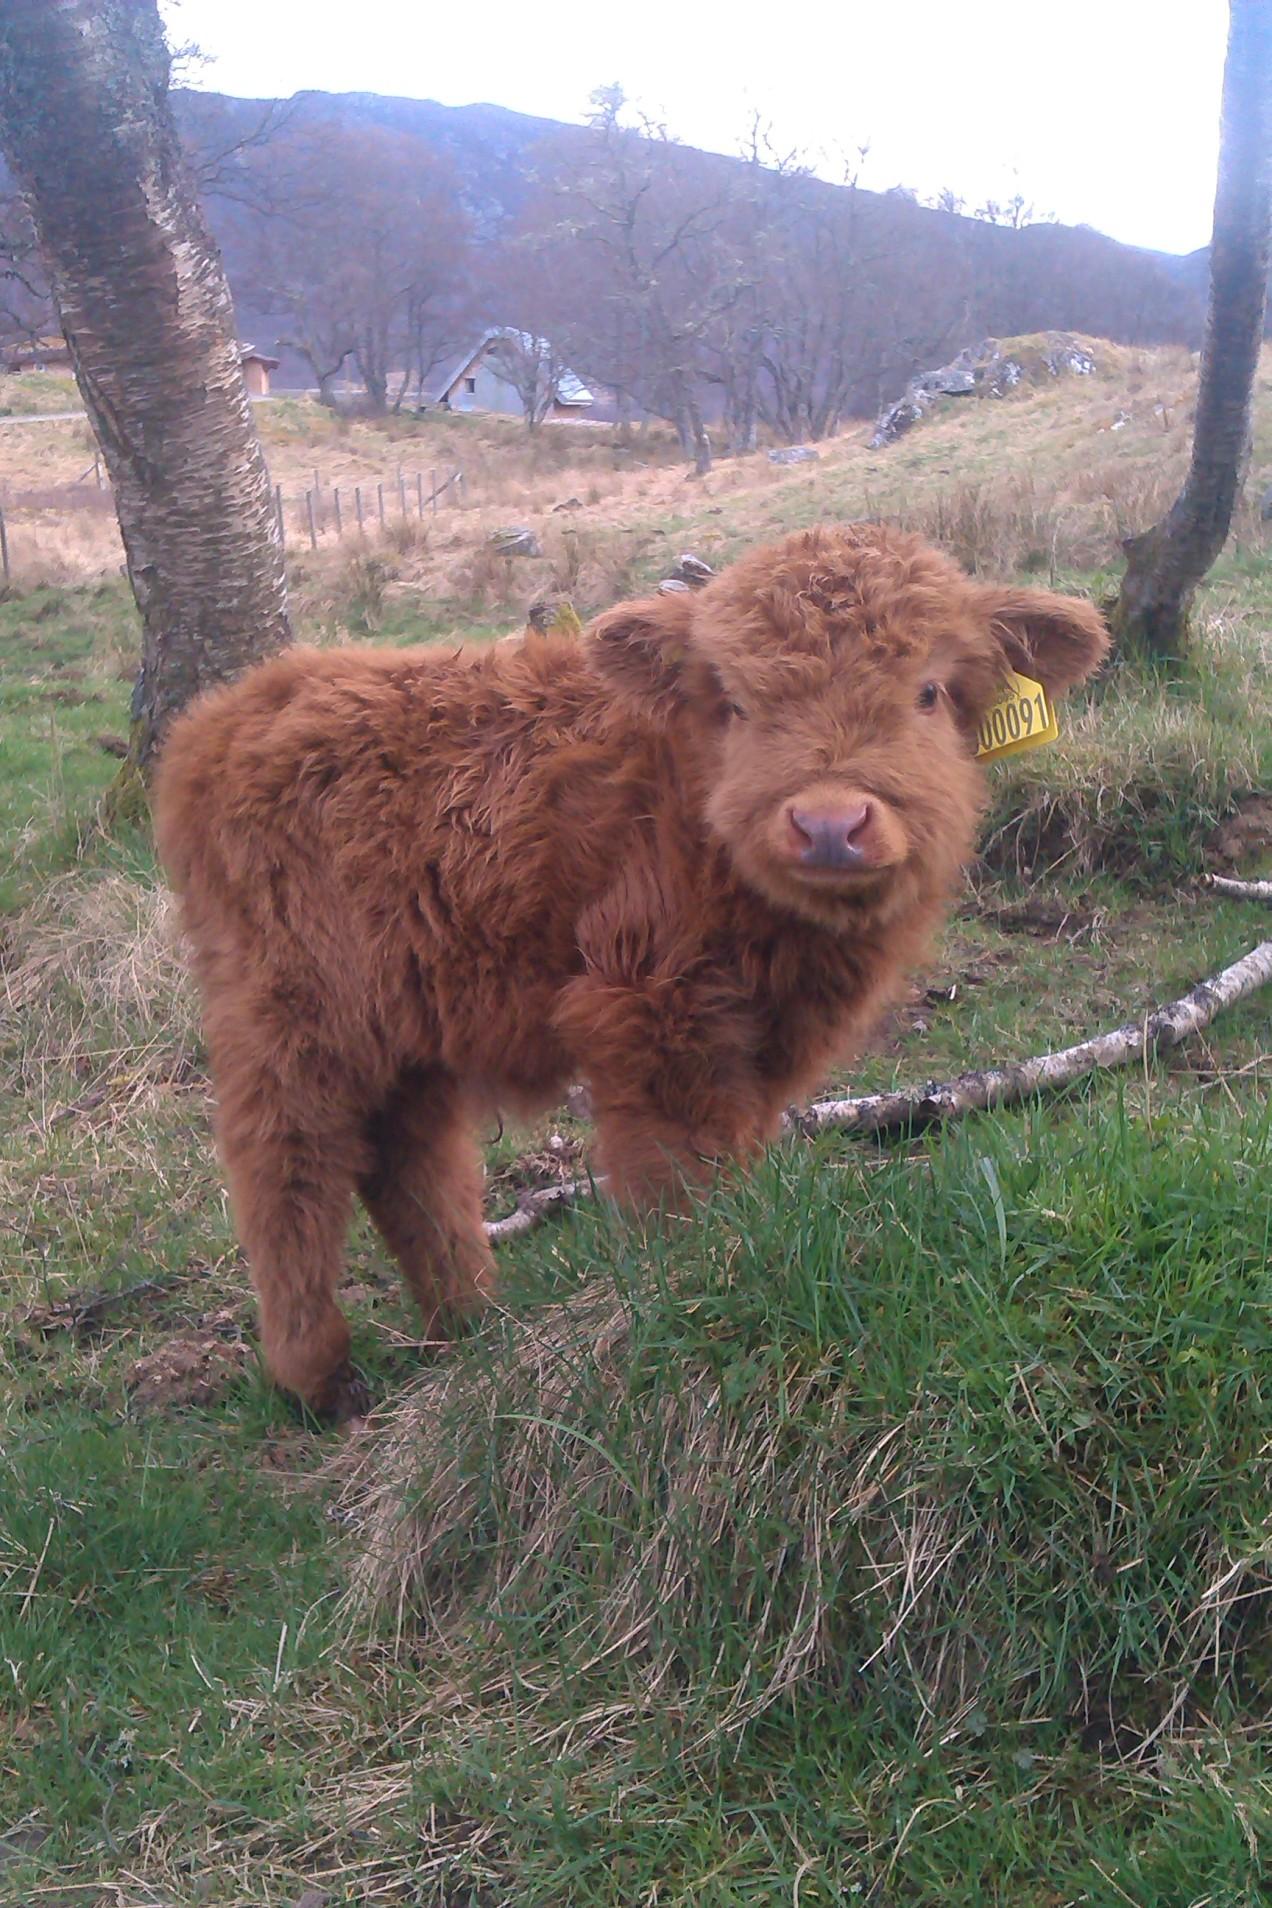 Half calf